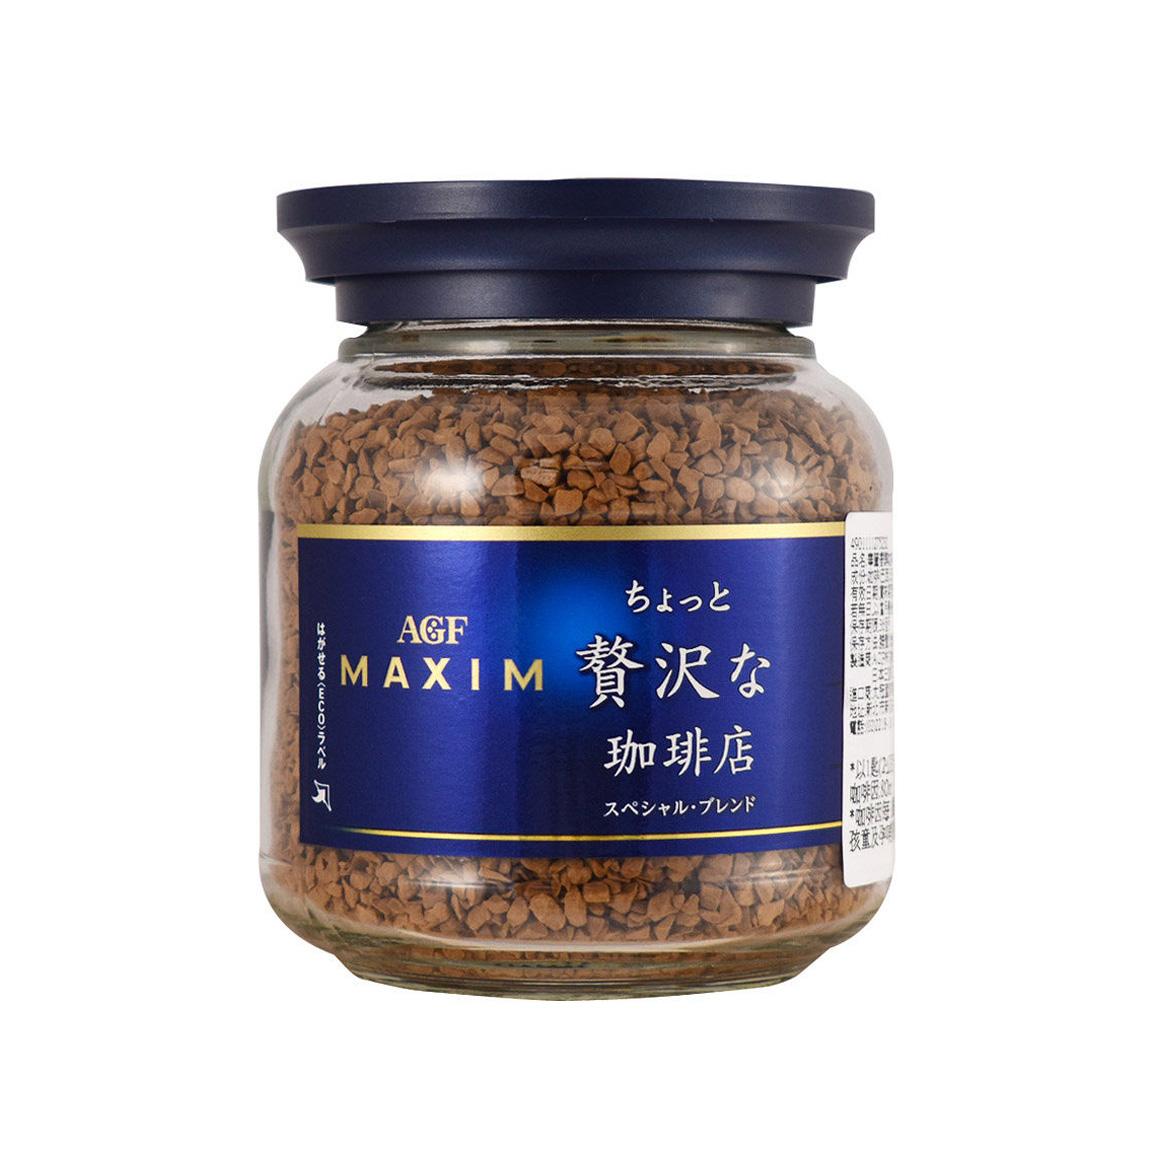 買一送一【AGF MAXIM】咖啡罐-華麗香醇(藍色)80G